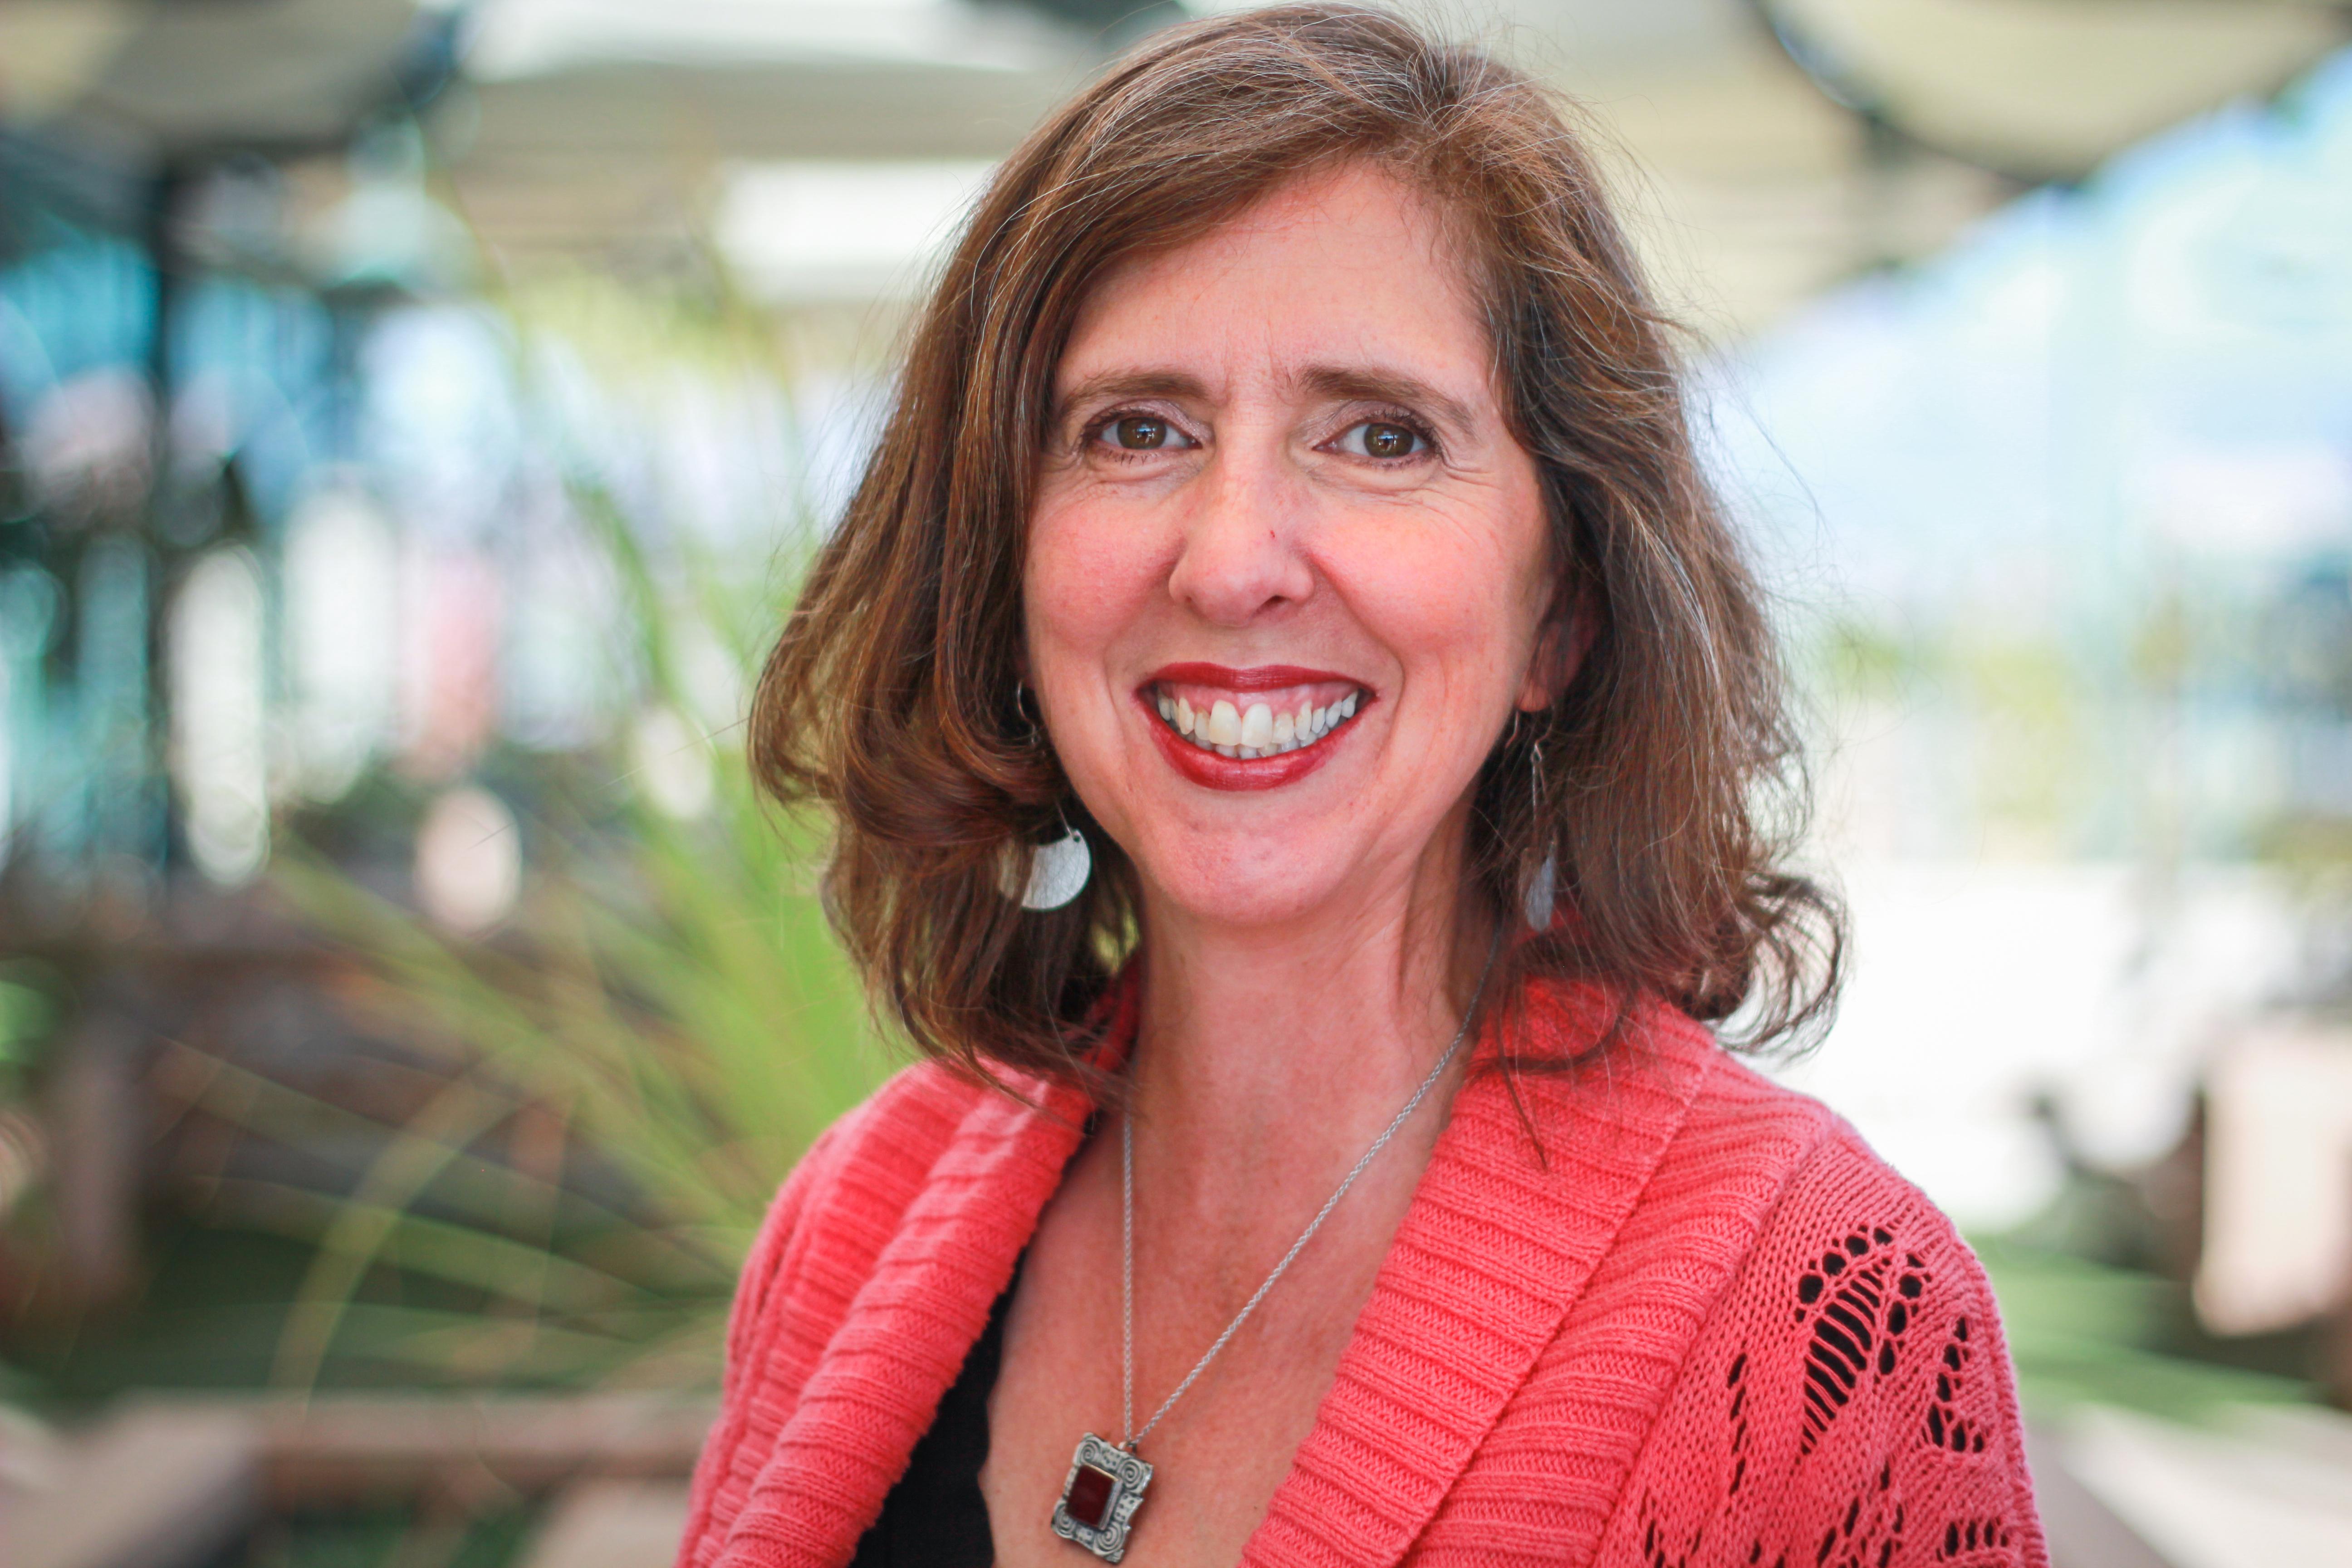 Julia March Crocetto